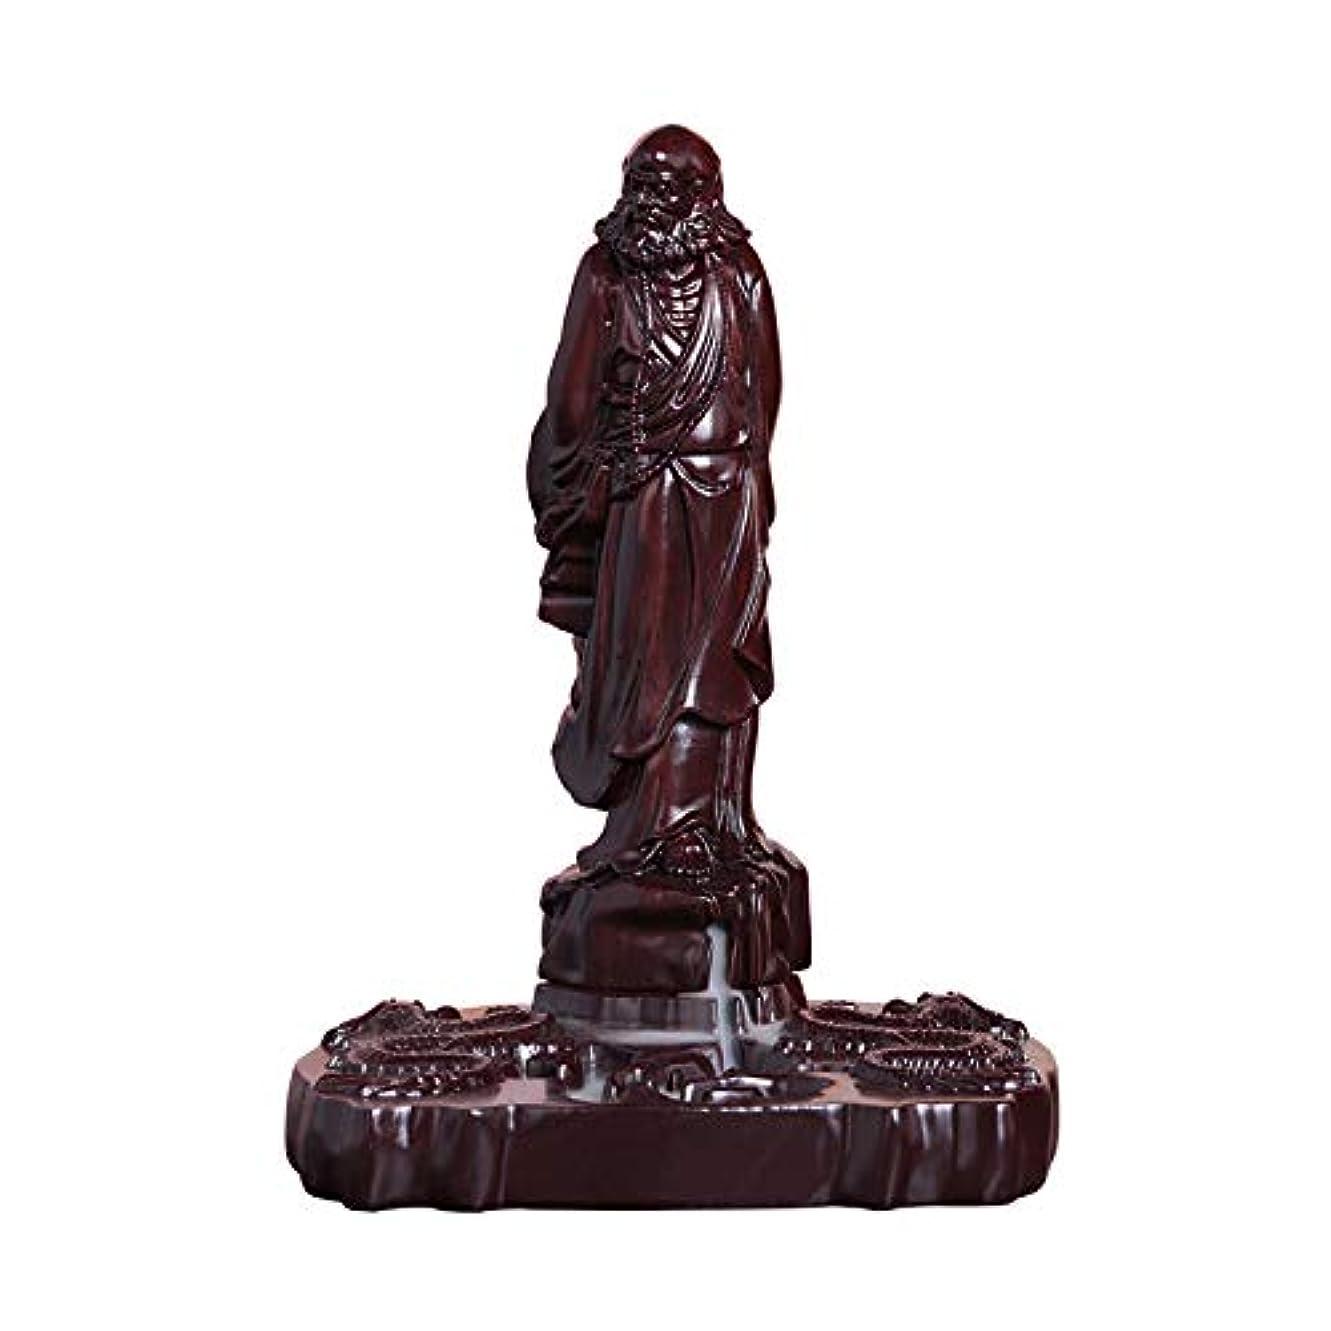 クロス脱獄盗難PHILOGOD マホガニー香炉 ダルマ 菩提 香立て ダルマ 木彫り工芸品逆流香炉 お香 ホルダー 香皿